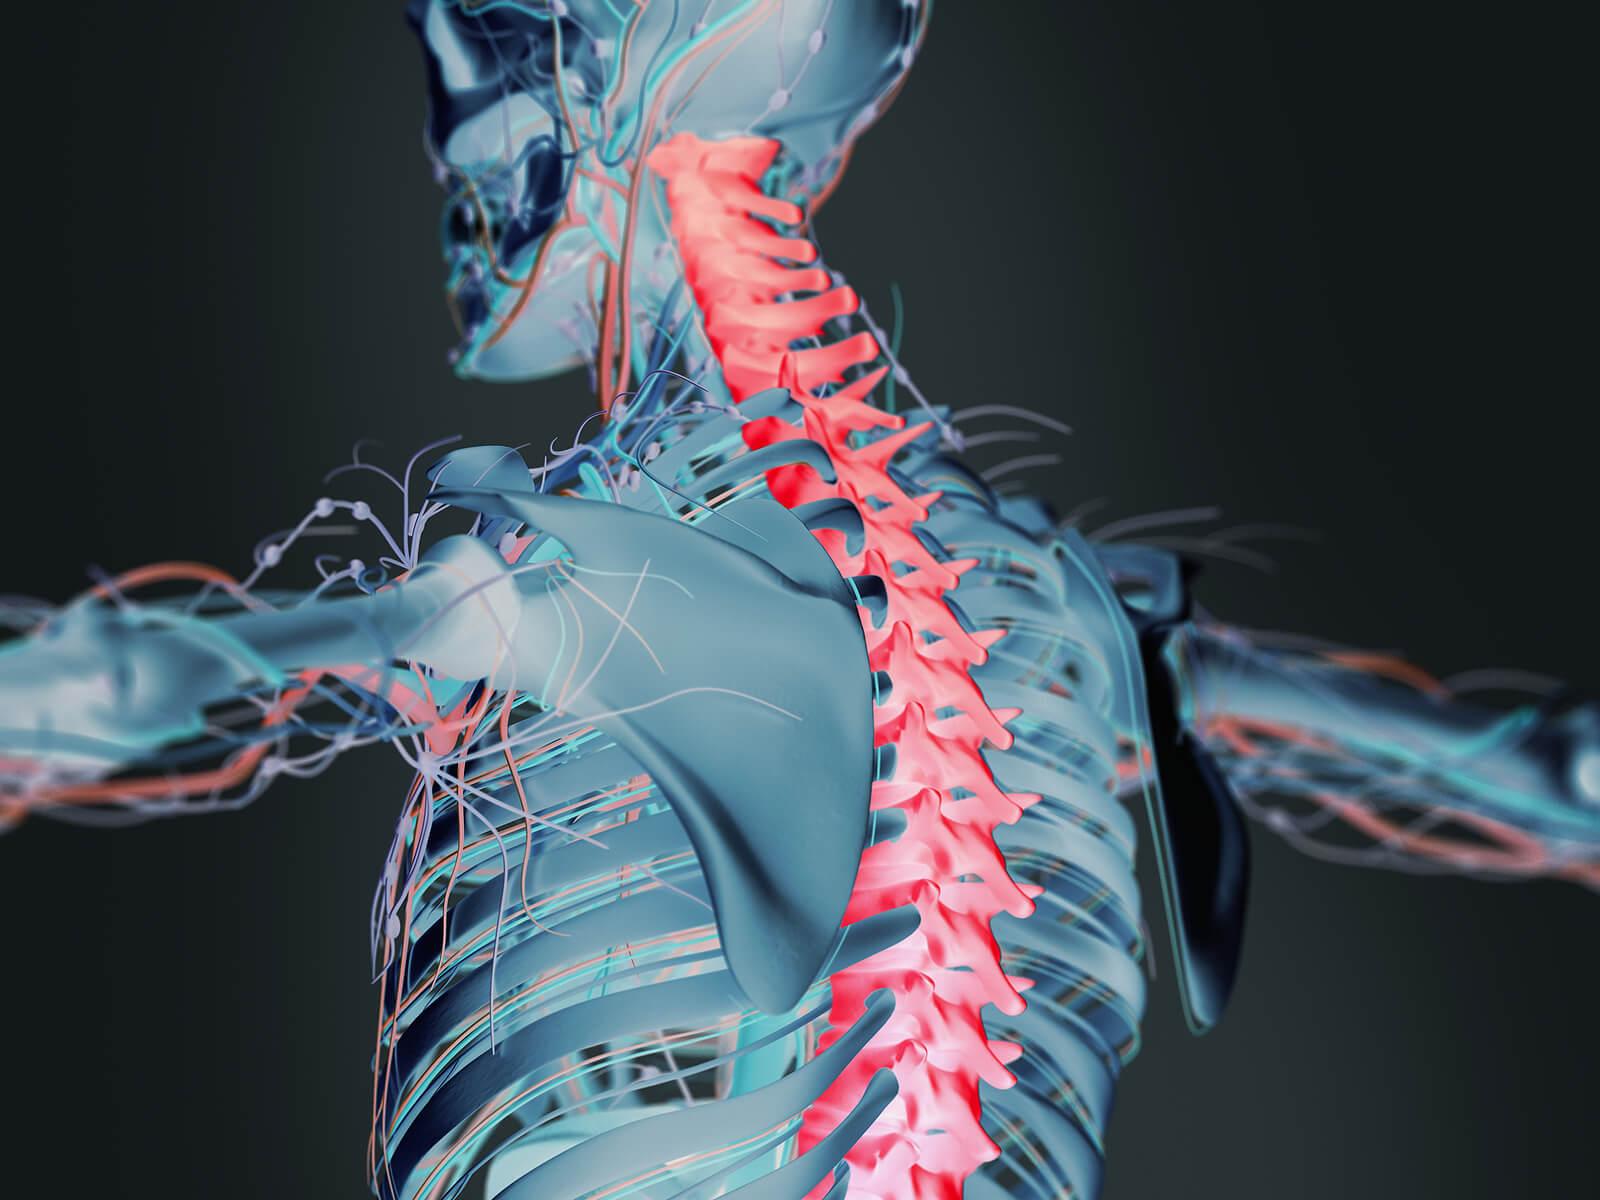 Médula espinal y su anatomía.